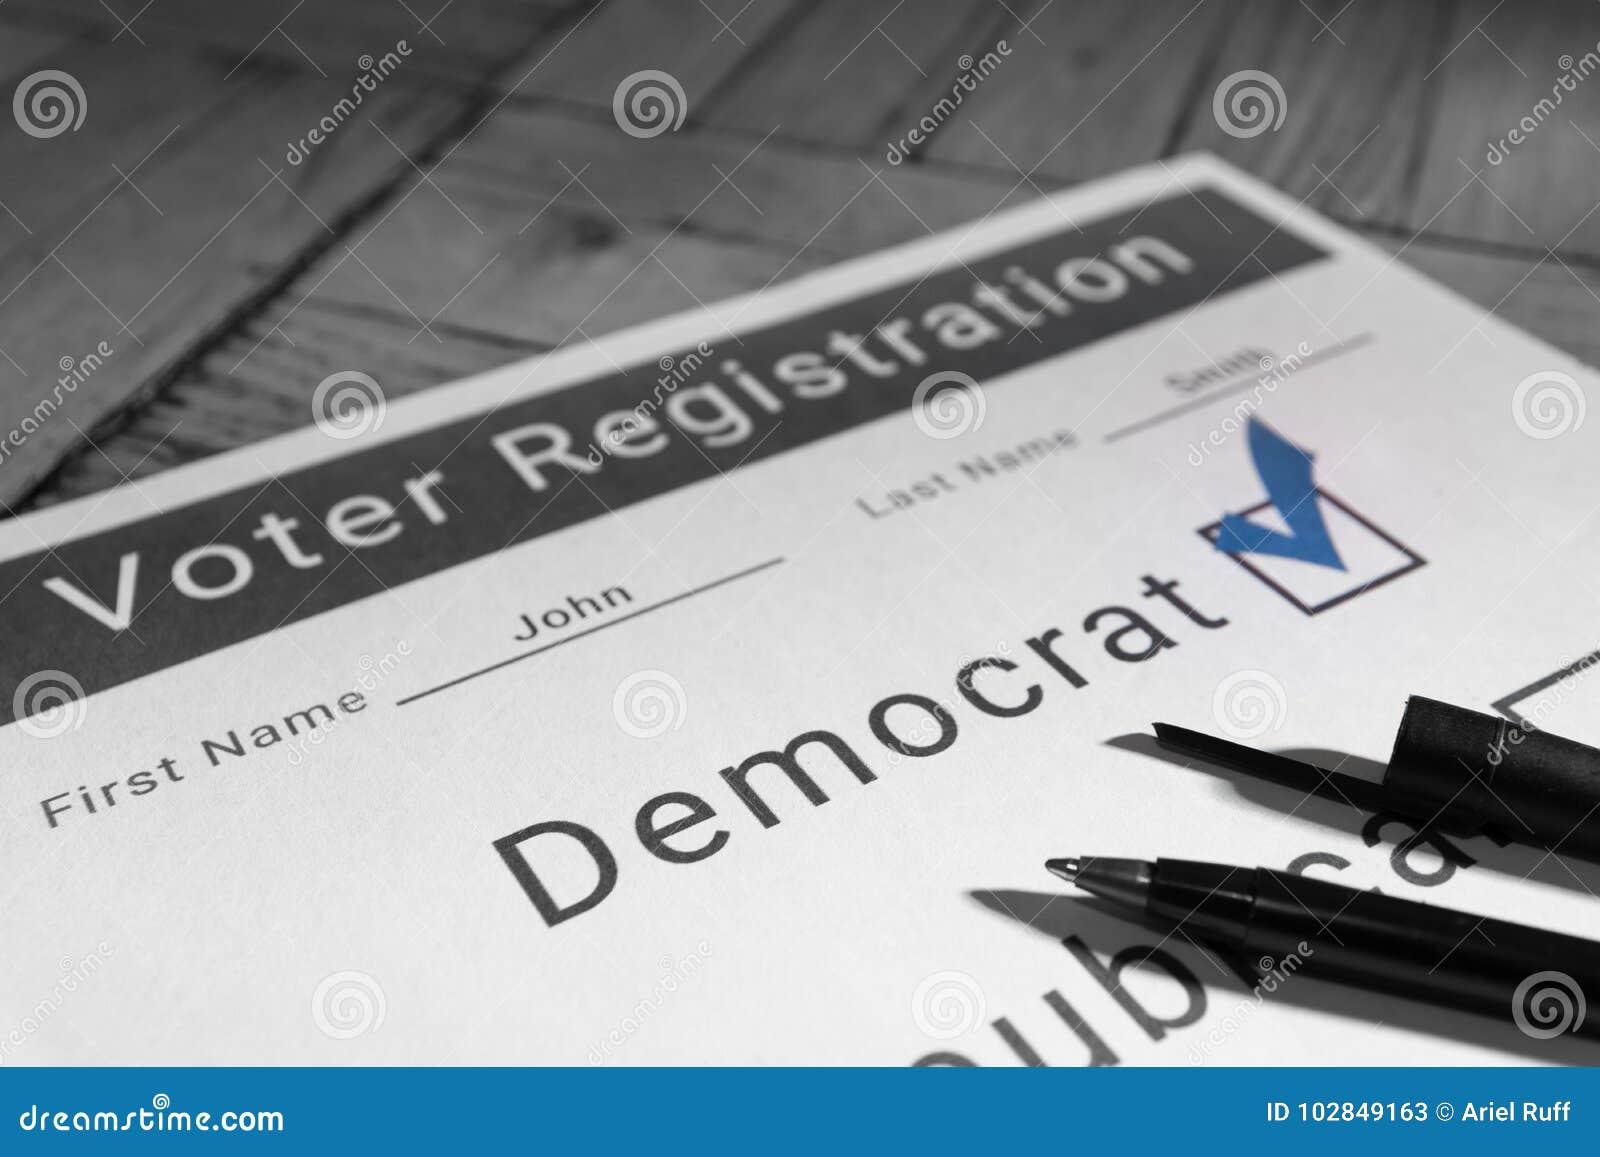 Форма регистрации избирателя - Демократ